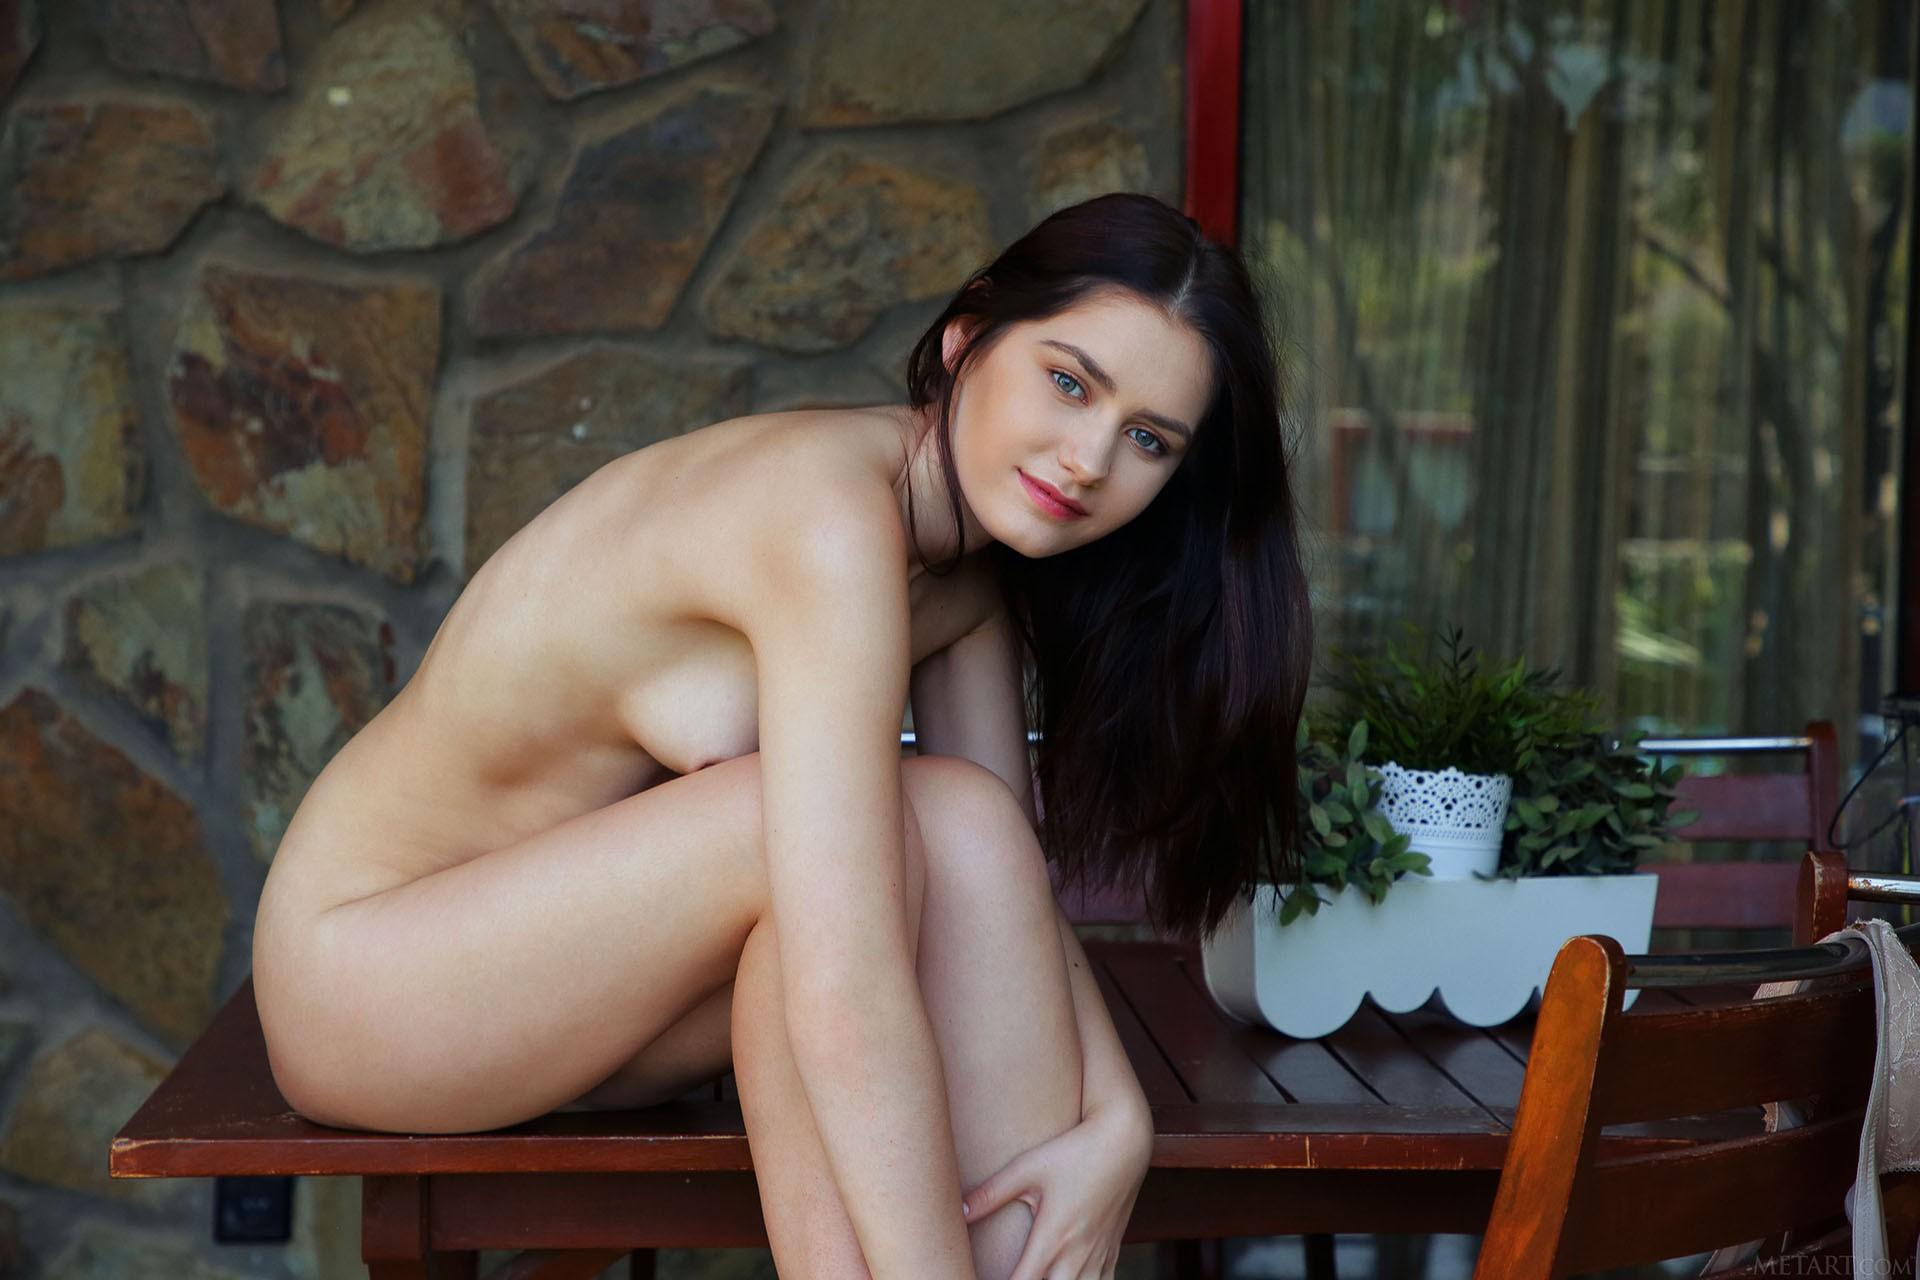 http://media.naked-woman.org/uploads/2020/04/10586_48.jpg